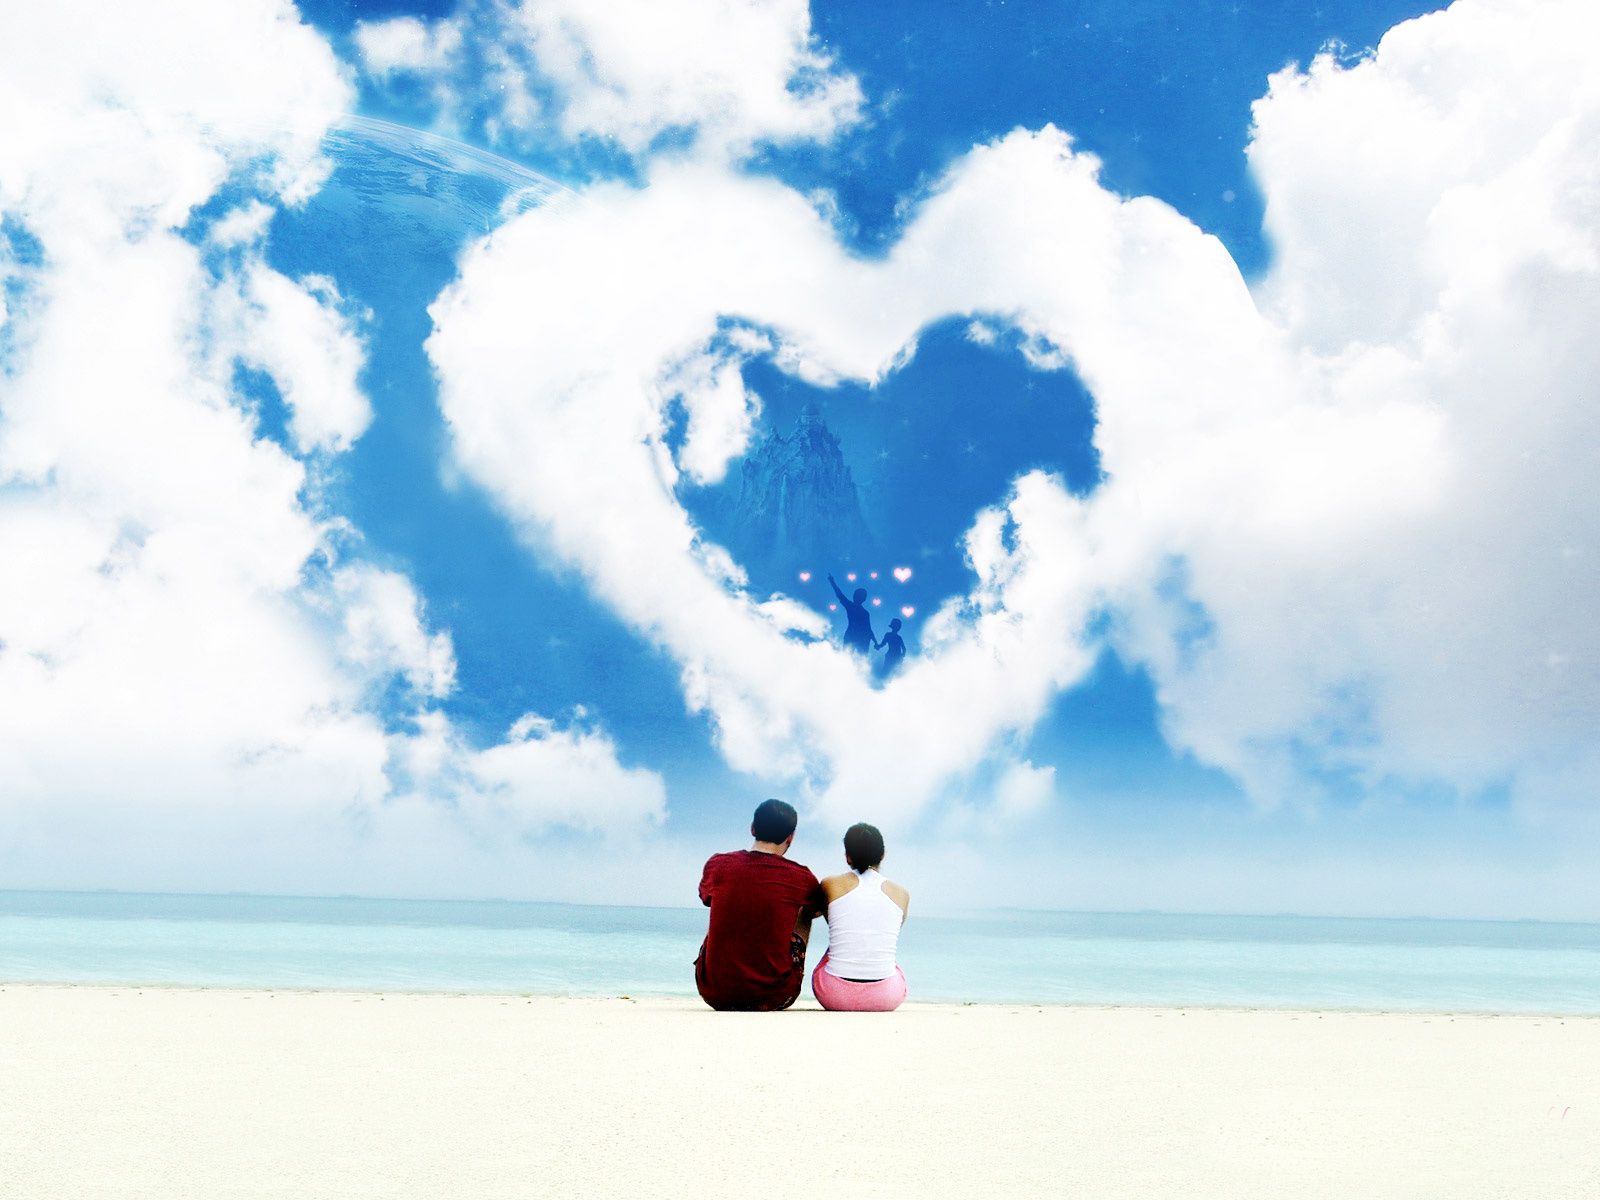 http://3.bp.blogspot.com/_foU4hzmJAVc/TCfZMhQLc6I/AAAAAAAABhQ/skx4kMhUw3k/s1600/Love_Romantic_Beach_Couple.jpg